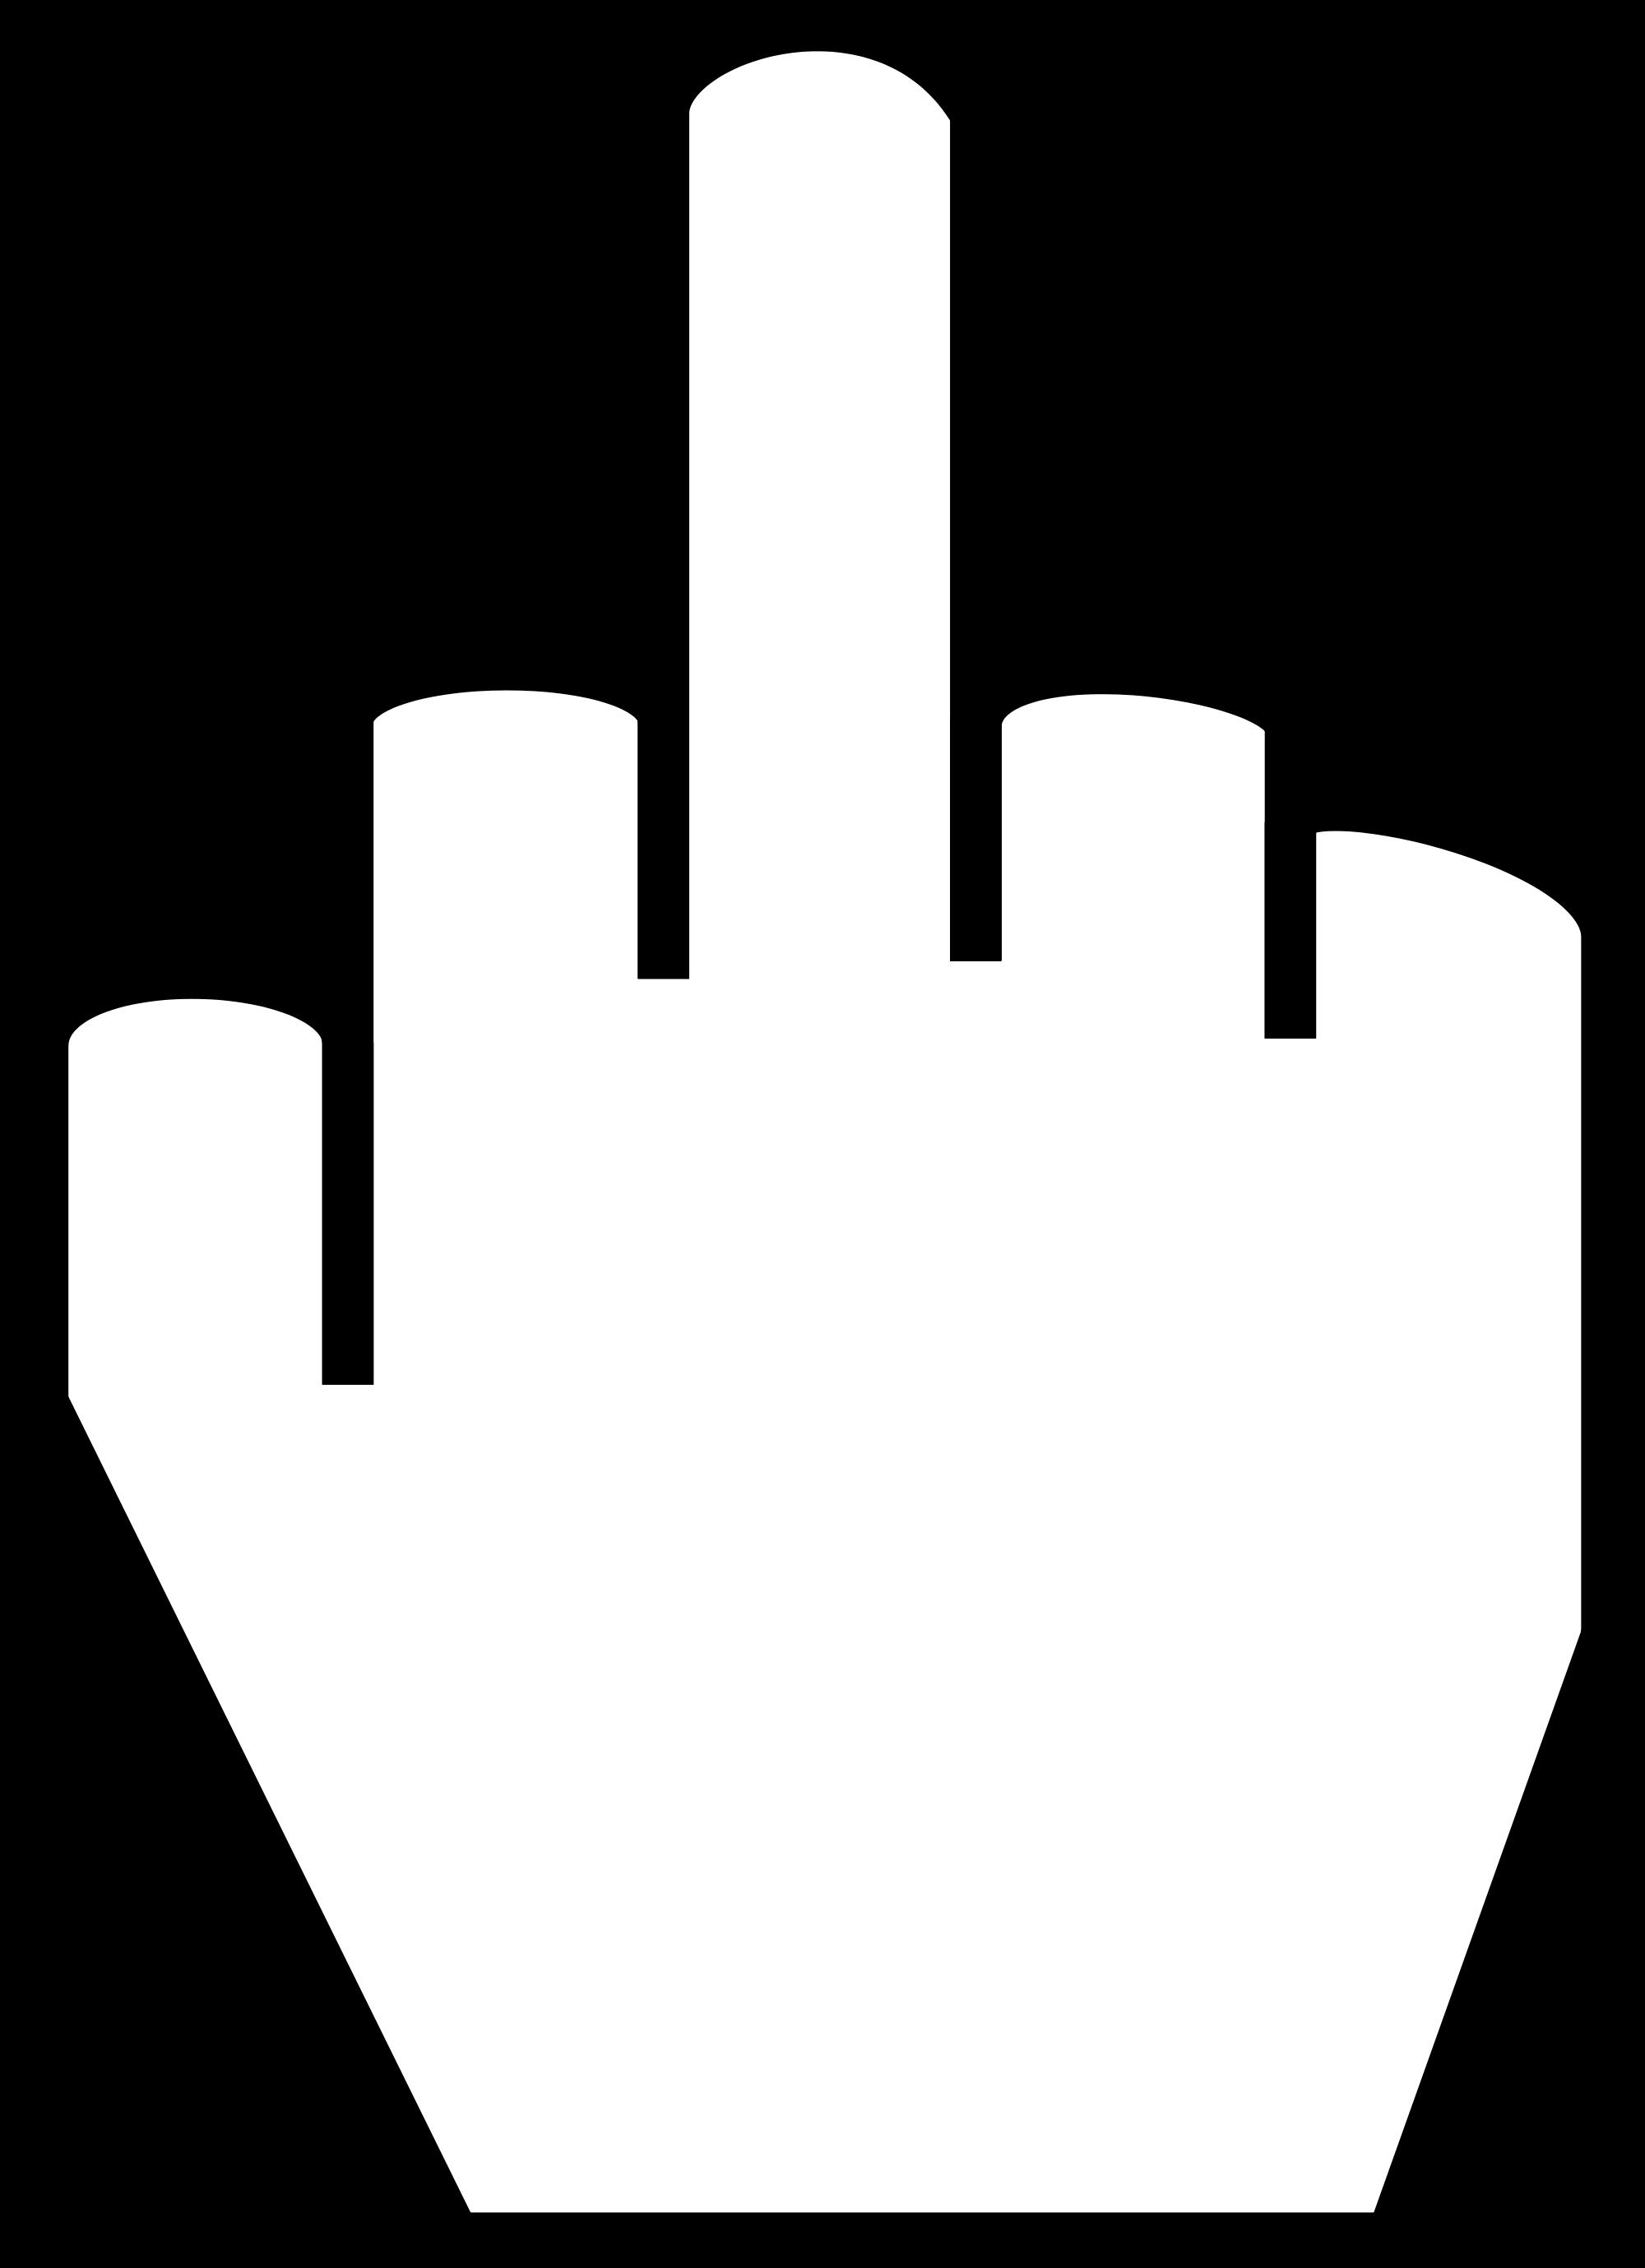 Clip Art Middle Finger.